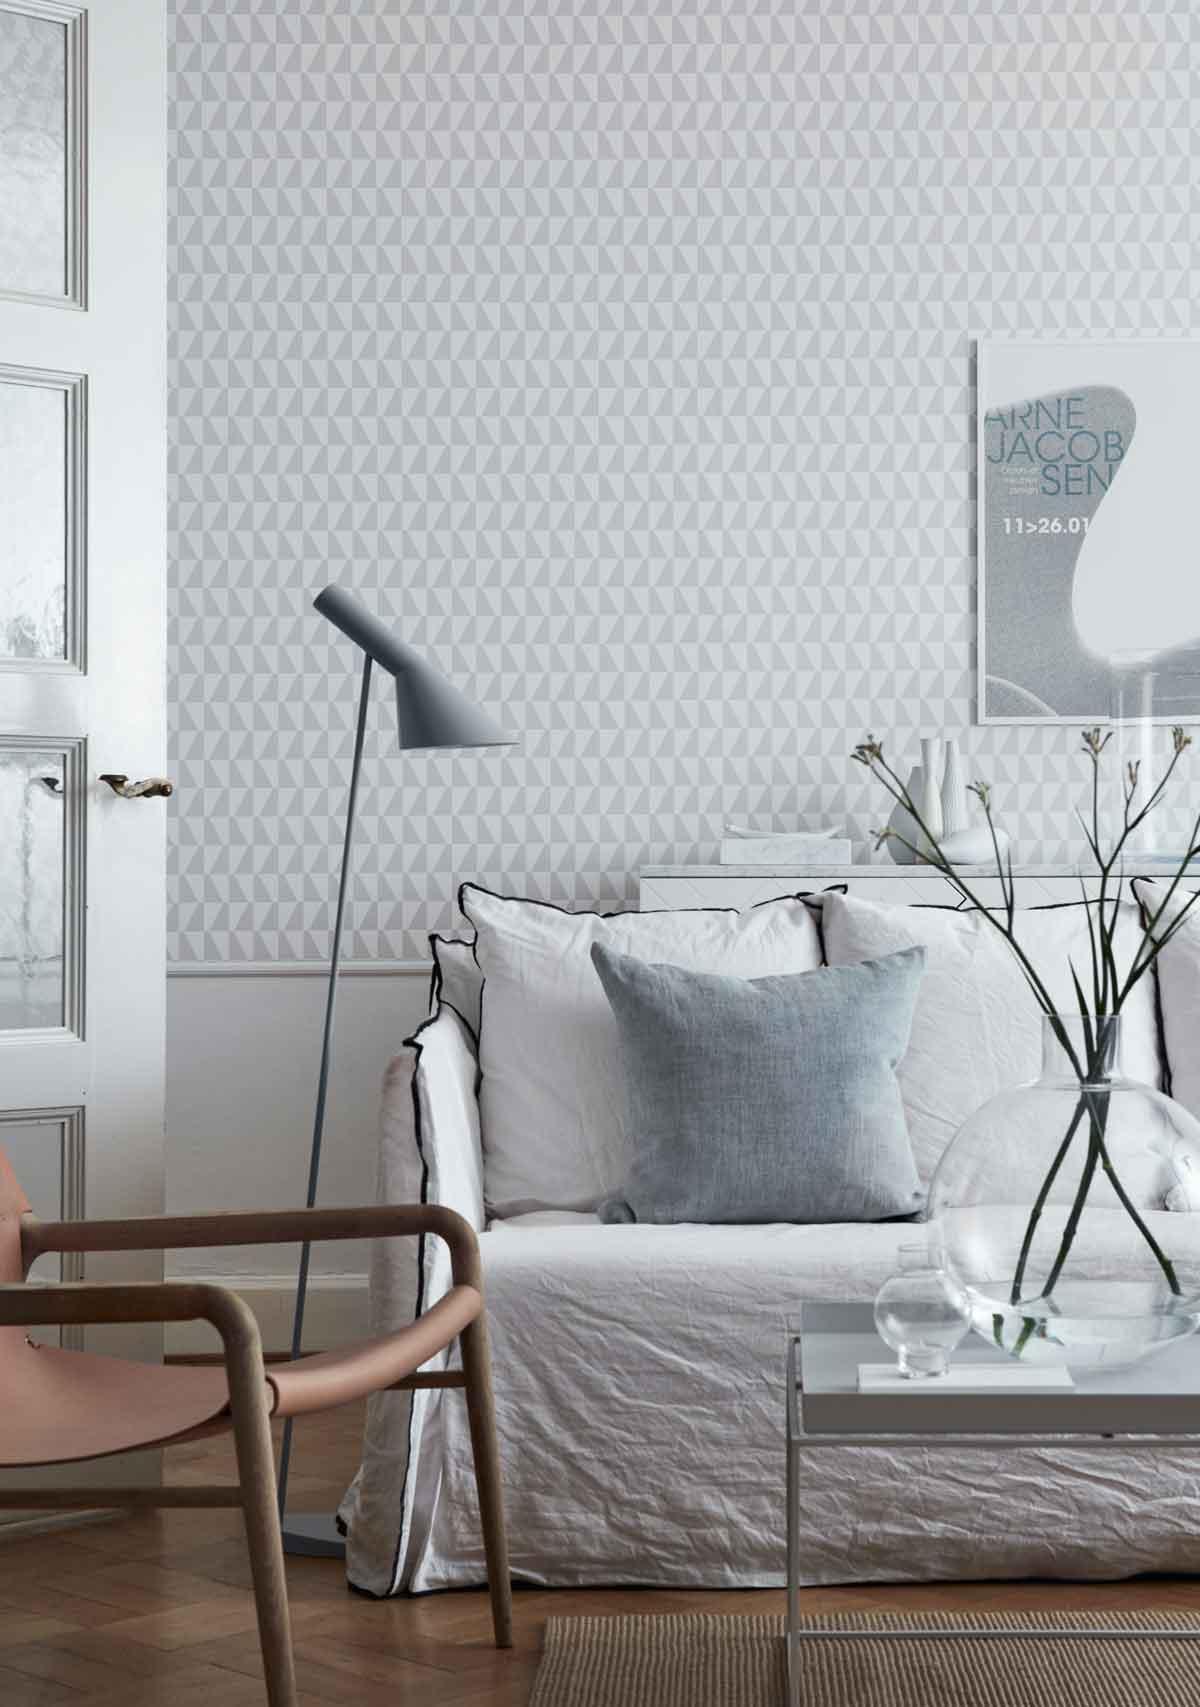 Forminsket-Borge_SDII_Trapez_Livingroom